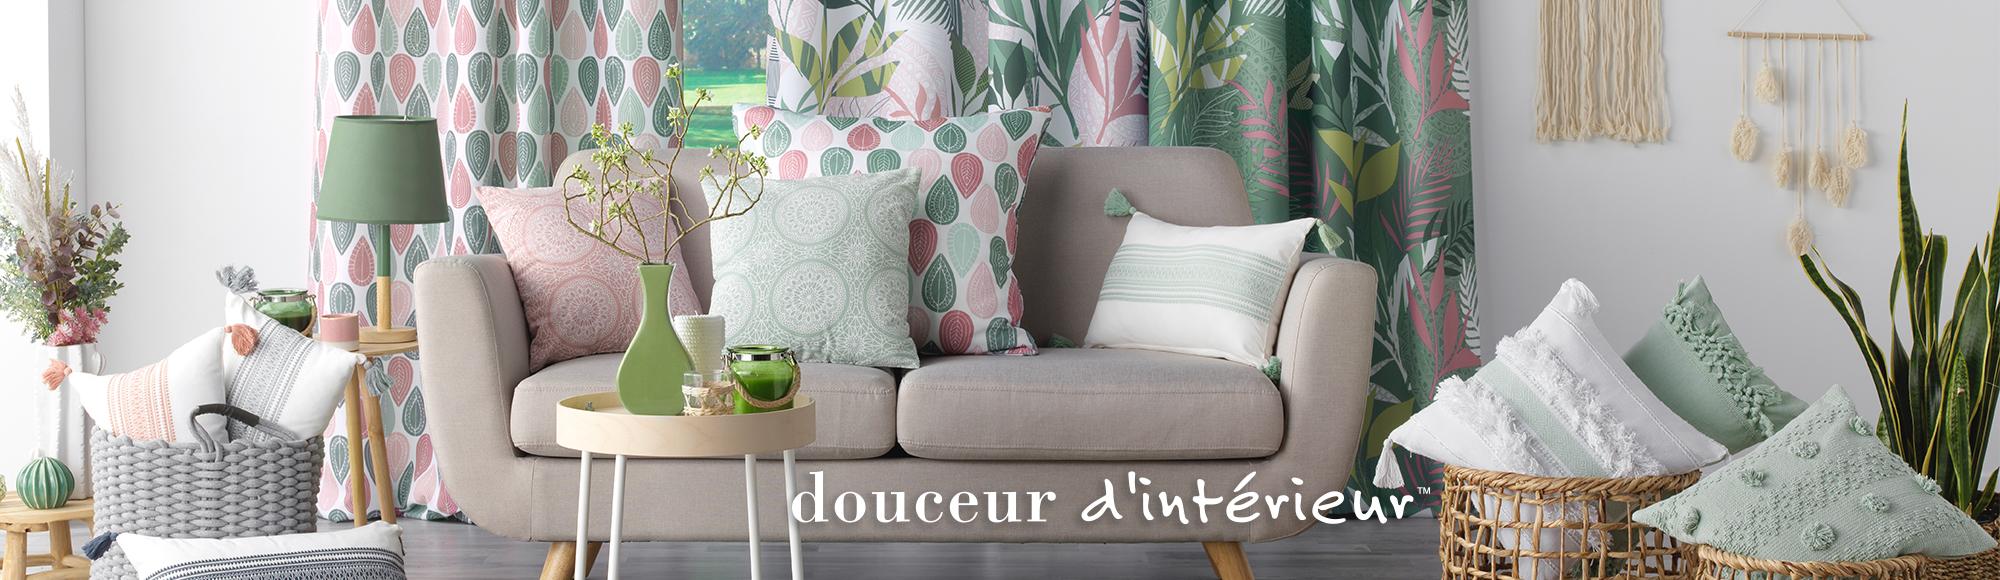 U10 - Fournisseur en décoration d'intérieur - marque douceur d'intérieur - ameublement - theme sweet fantasy